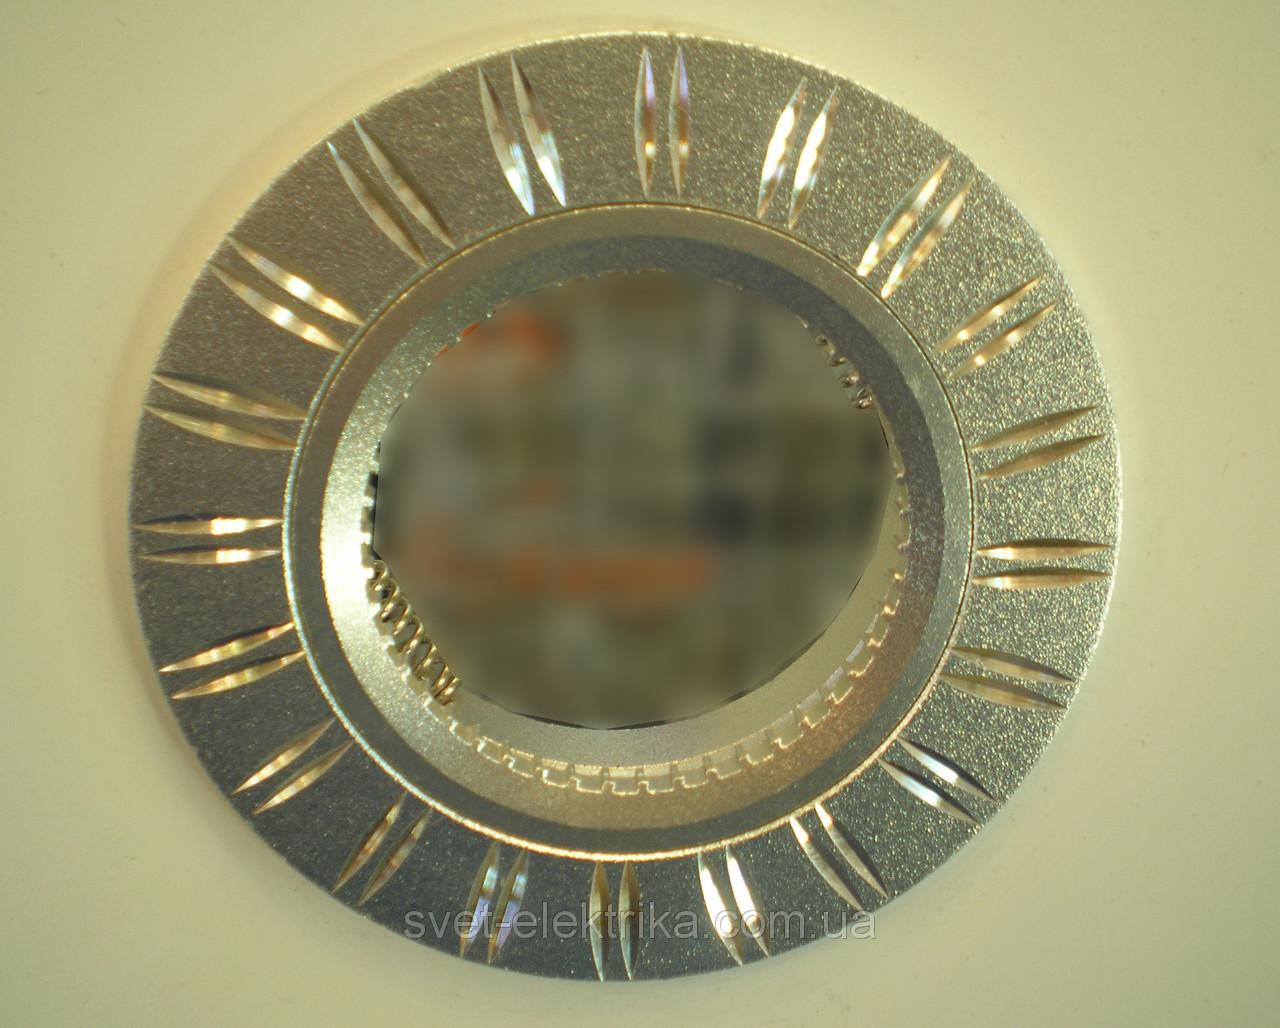 Точечный неповоротный светильник Feron GS-M393MR16(белый, золото, серебро, чёрный)